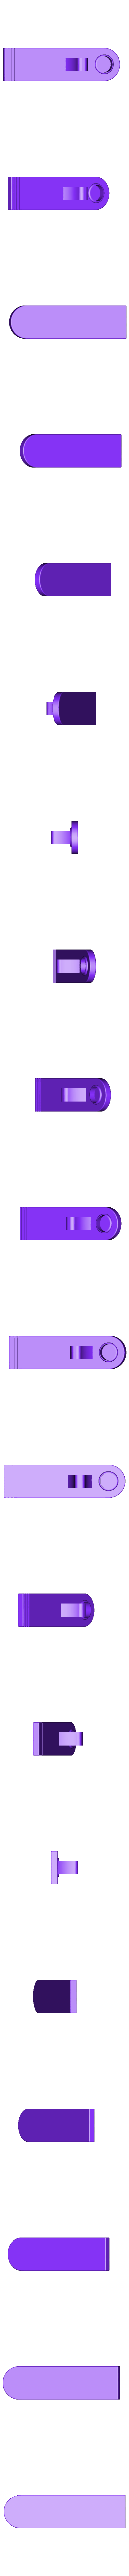 1.stl Télécharger fichier STL gratuit Pince pour contrôleurs firmware 6 broches • Design imprimable en 3D, Ruvimkub